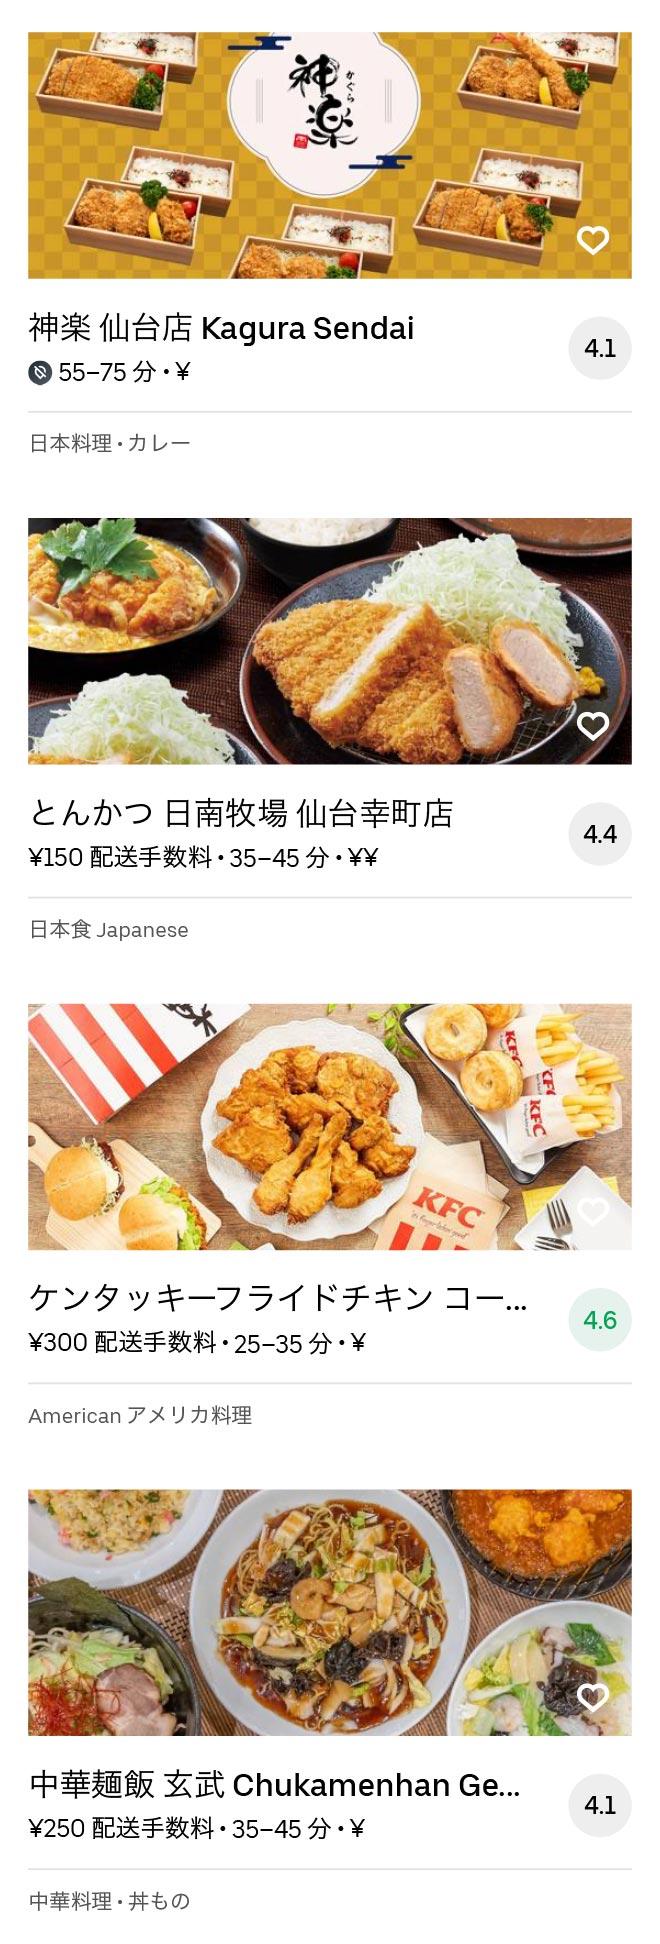 Higashi sendai menu 2008 10